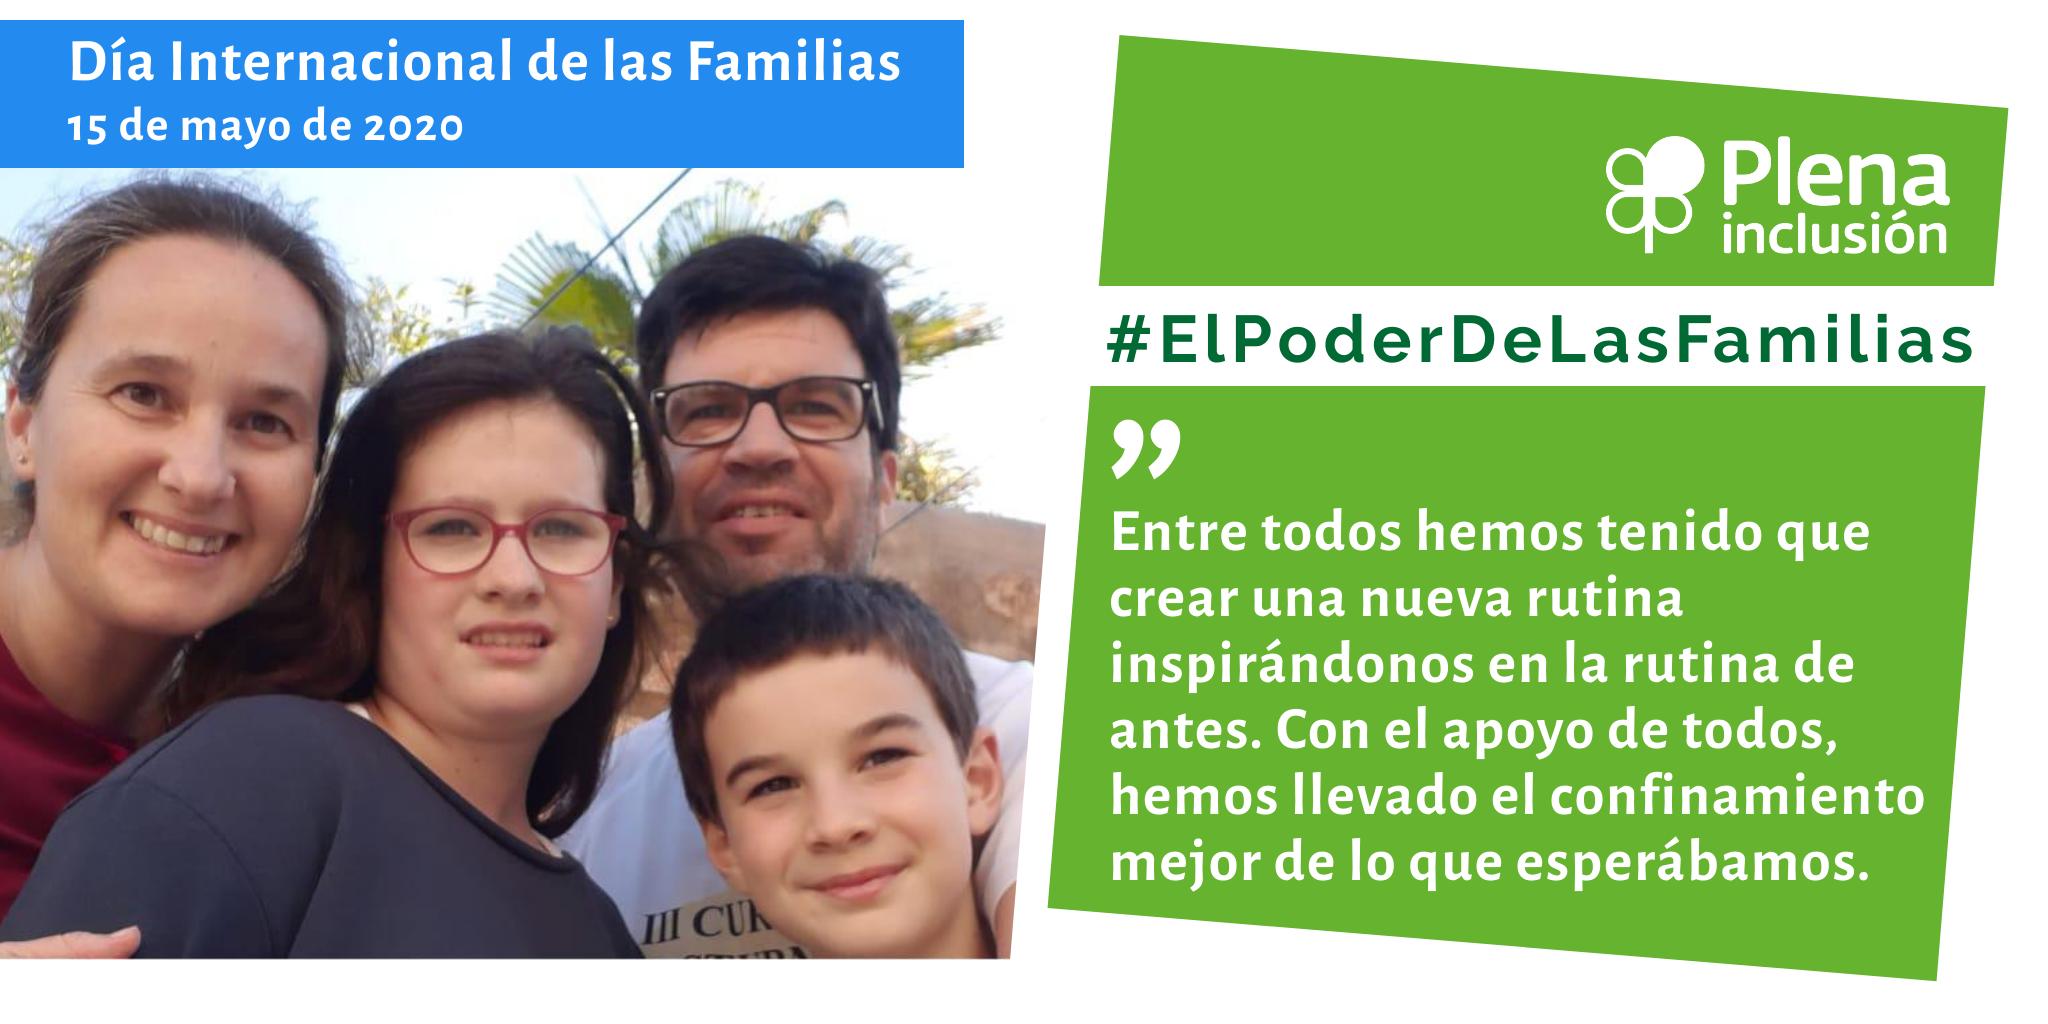 Ir a : Familiares de Plena inclusión manifiestan #ElPoderDeLasFamilias durante la crisis del COVID-19